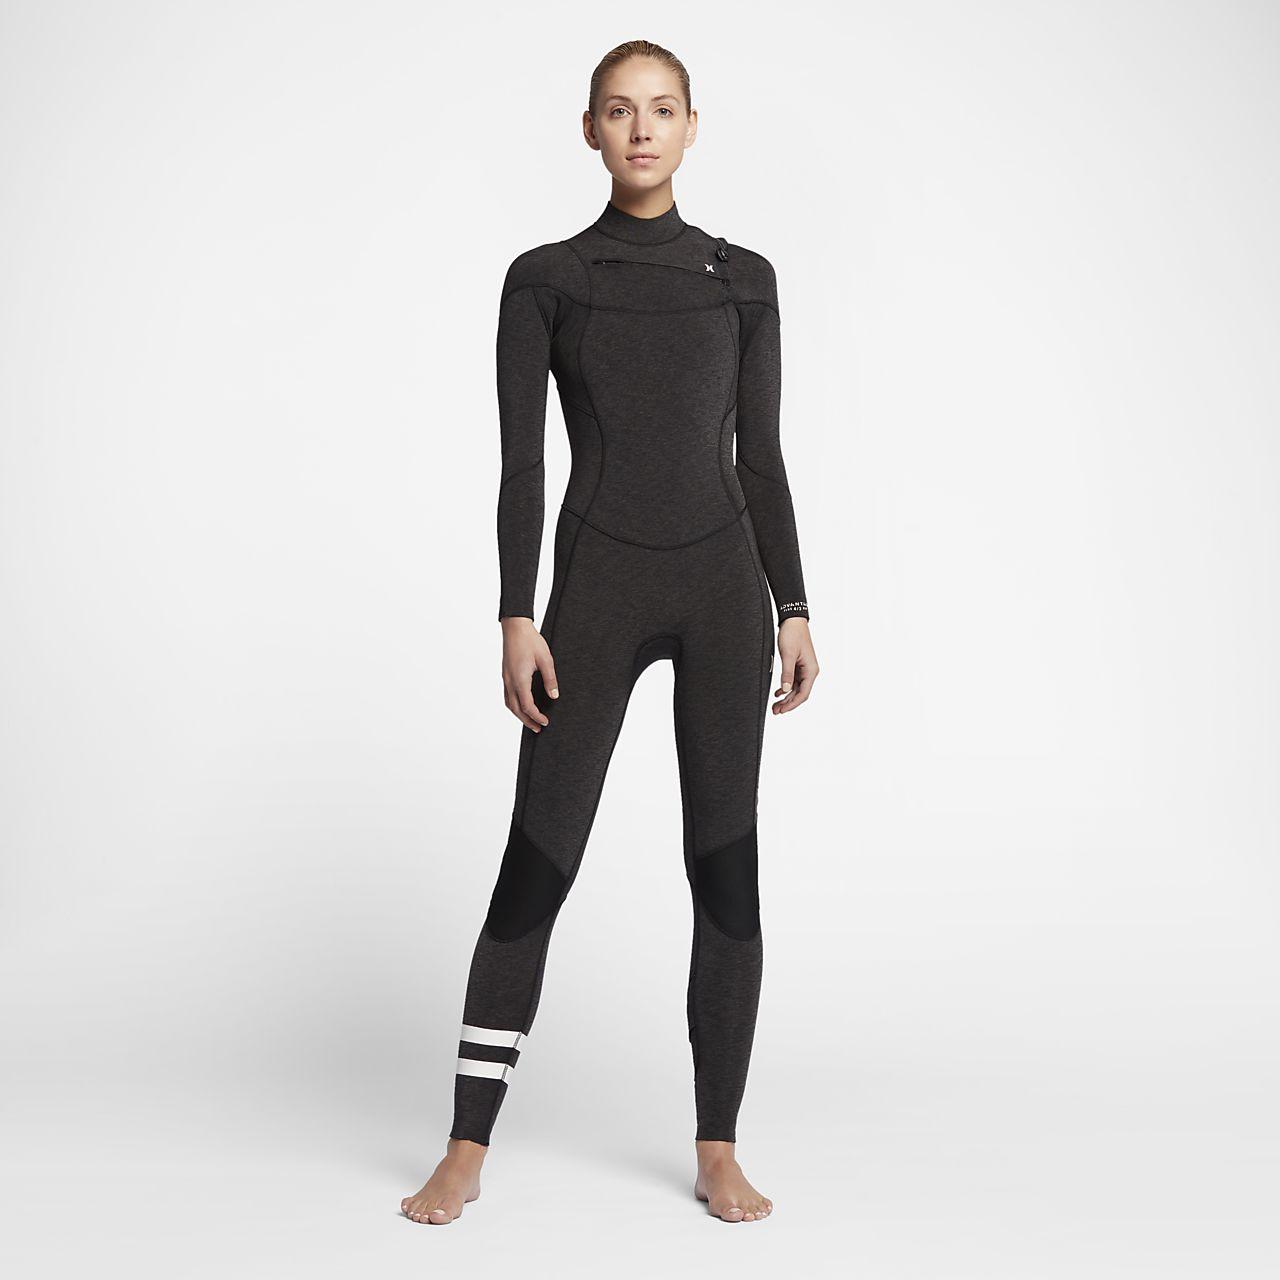 ... Hurley Advantage Plus 4/3mm Fullsuit Women's Wetsuit